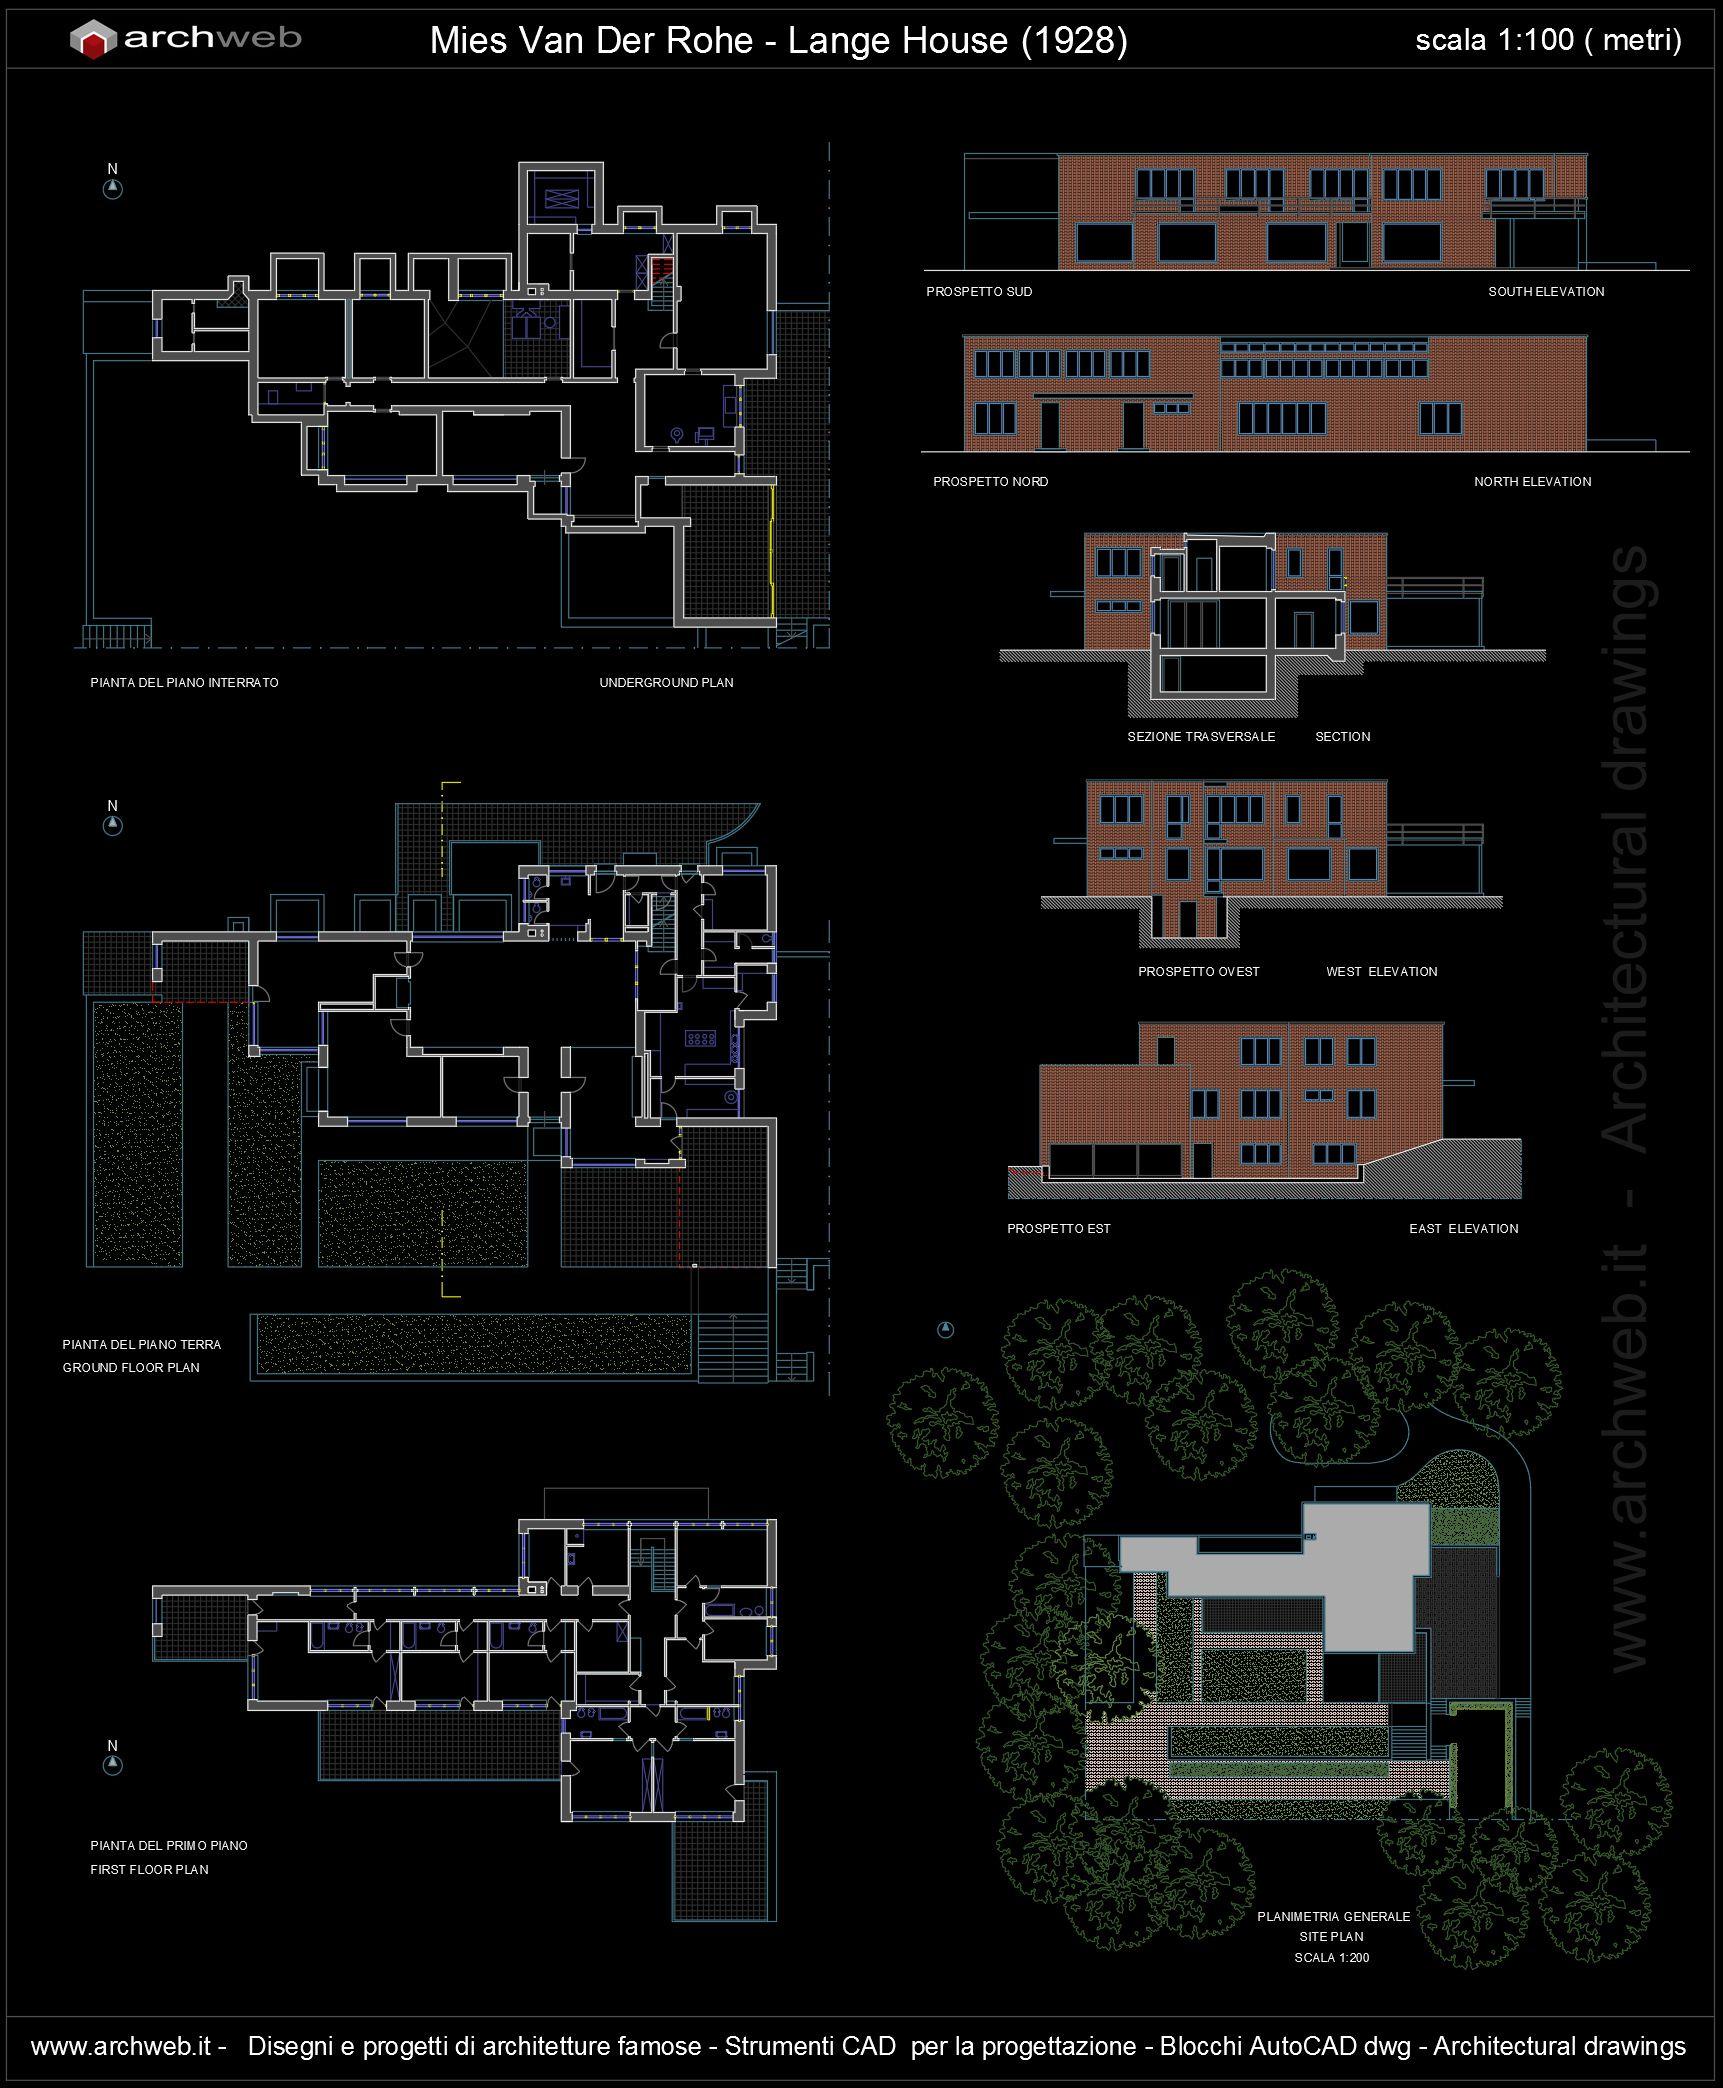 Lange House Autocad Dwg Plan Auto Cad Pinterest Autocad # Muebles Mies Van Der Rohe Autocad